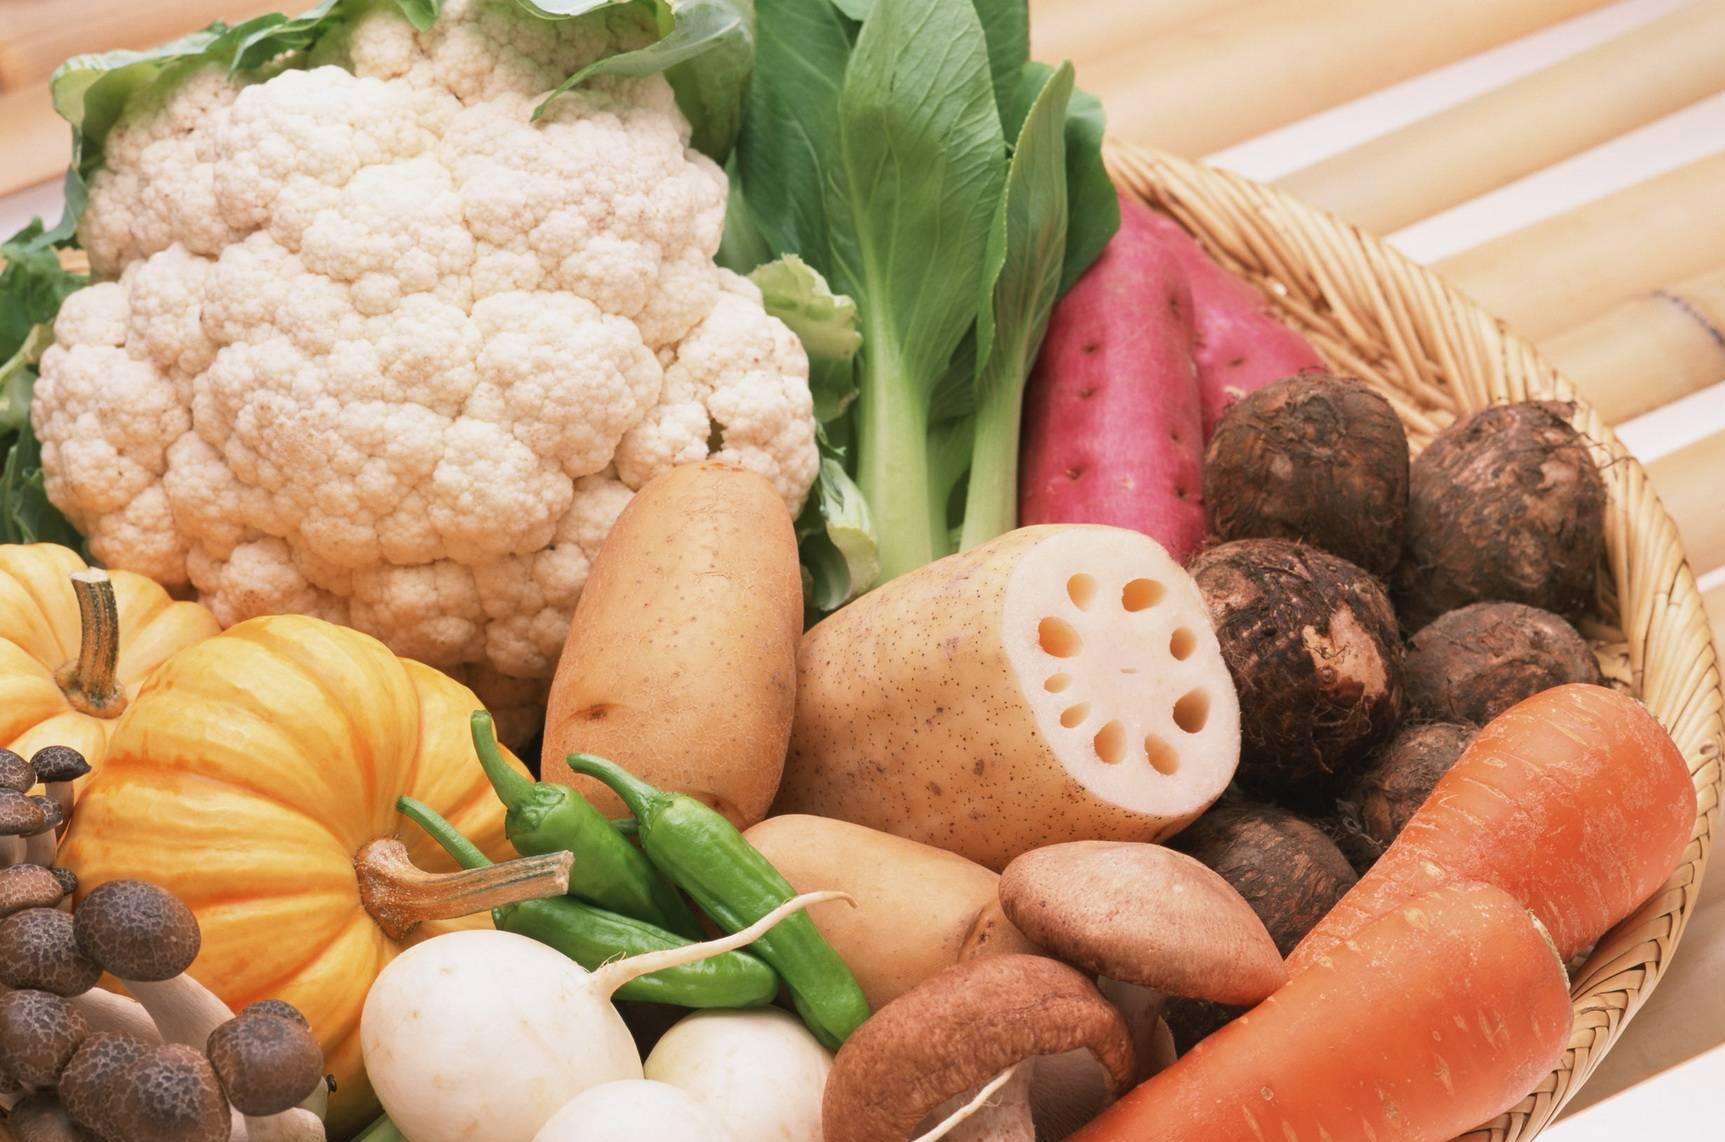 پاکسازی بدن با سبزیجات